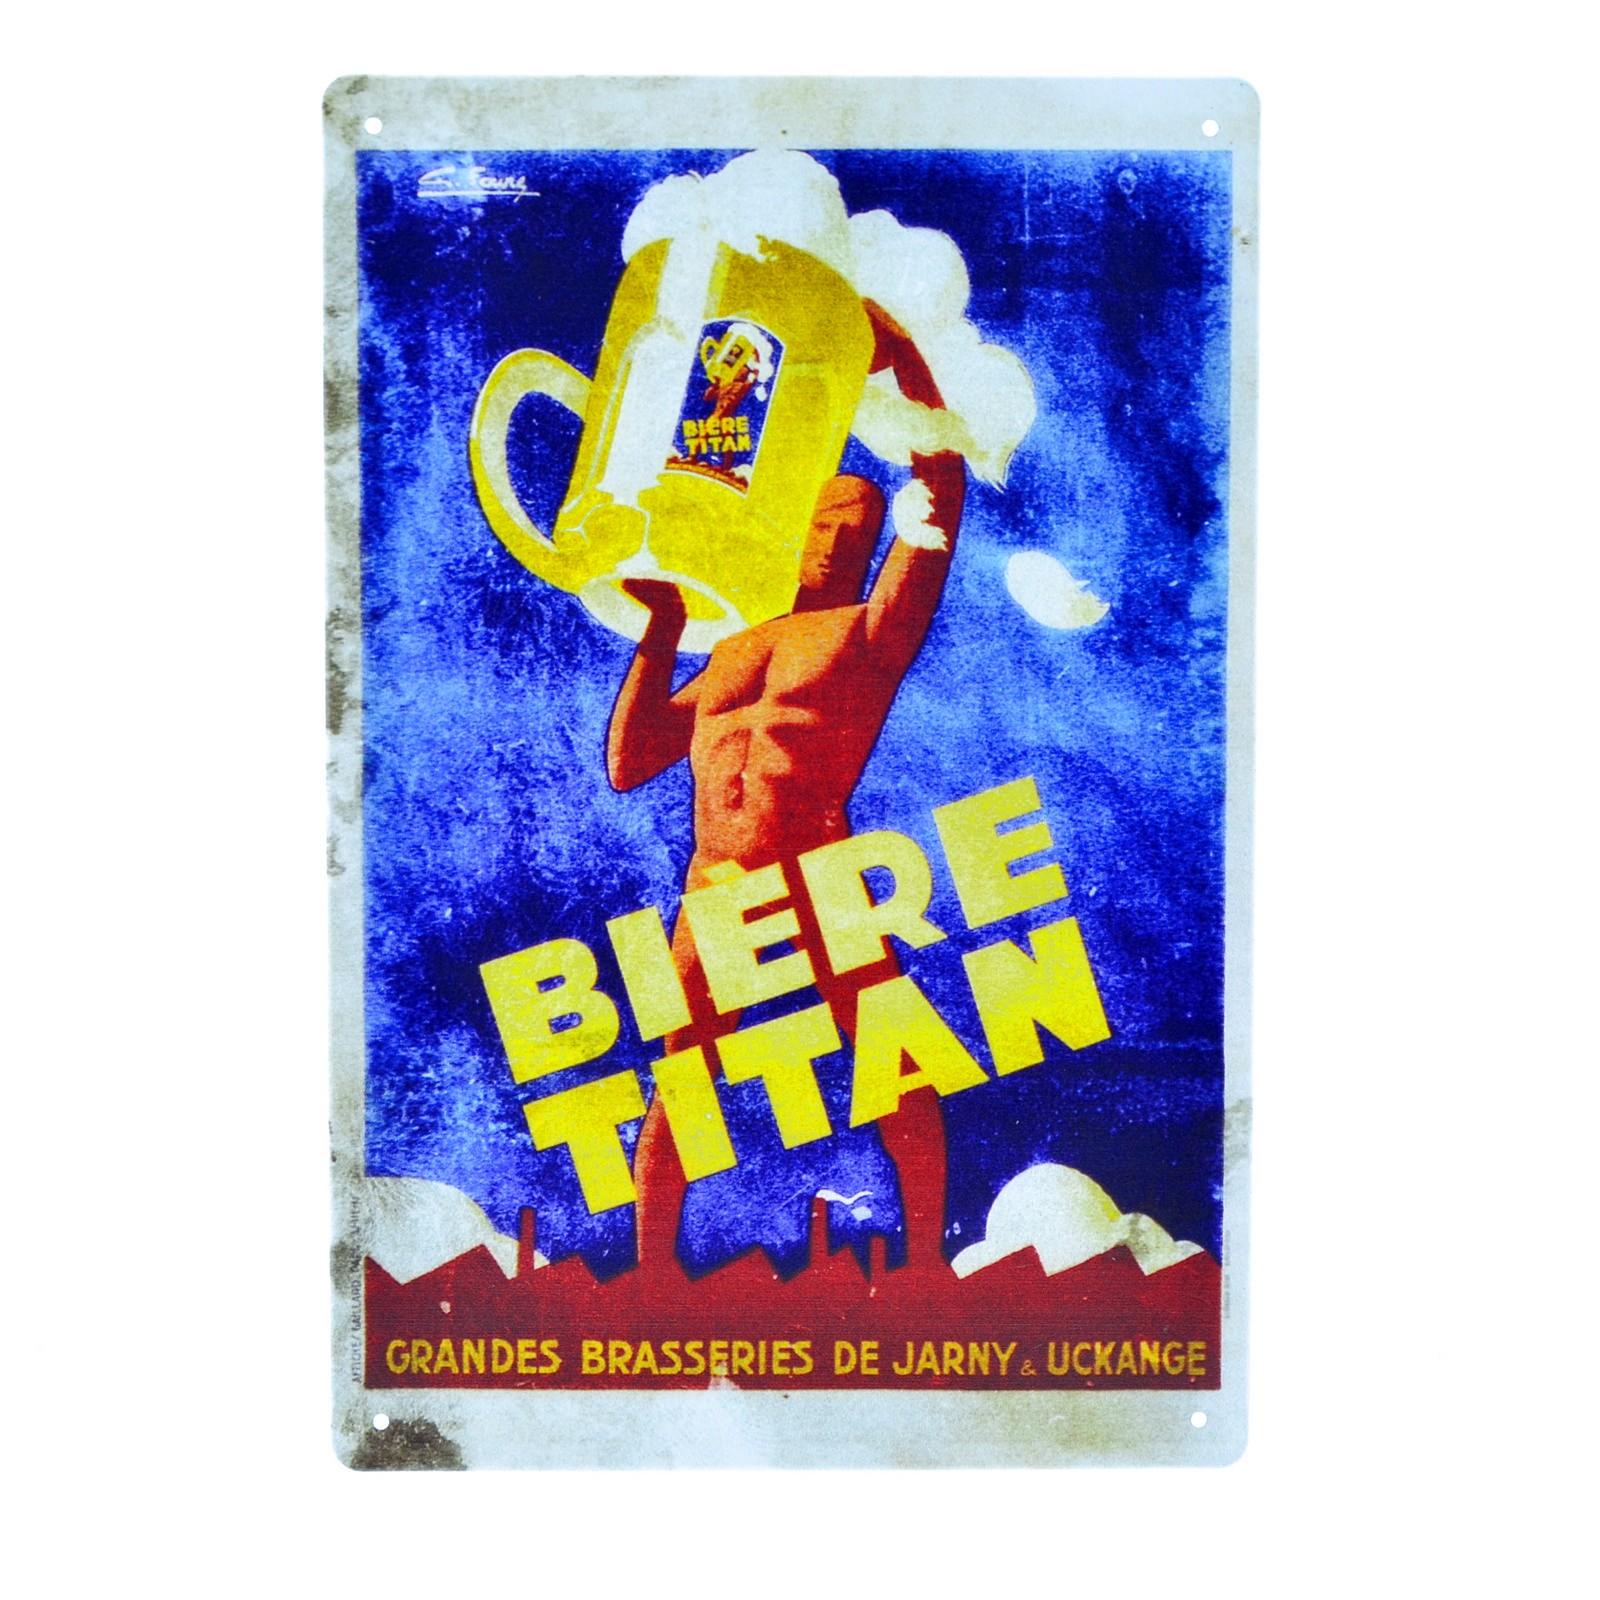 Cartel Metálico de Biere Titan